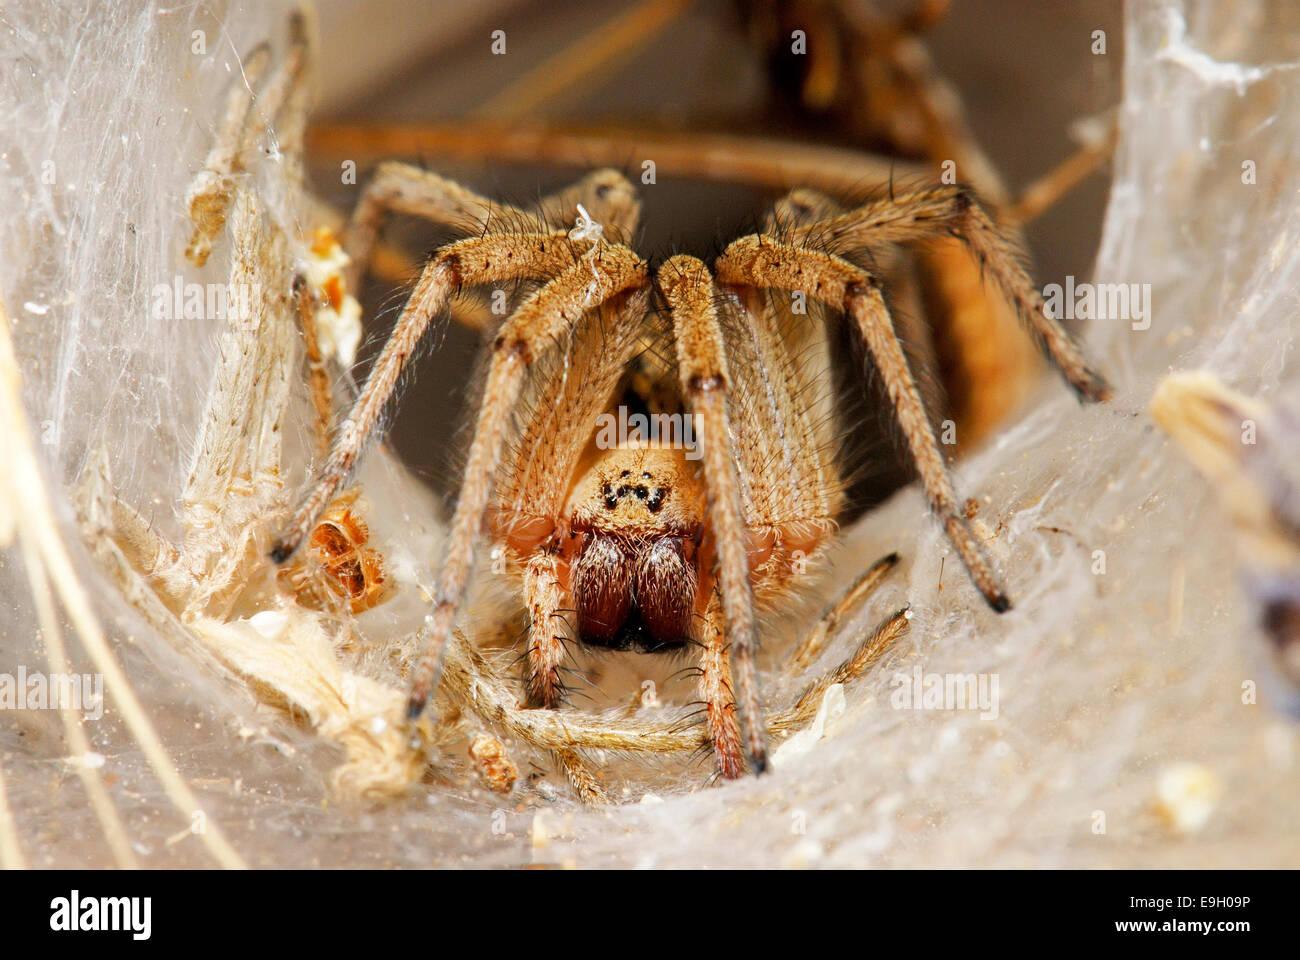 Spider, Agelenidae - Stock Image